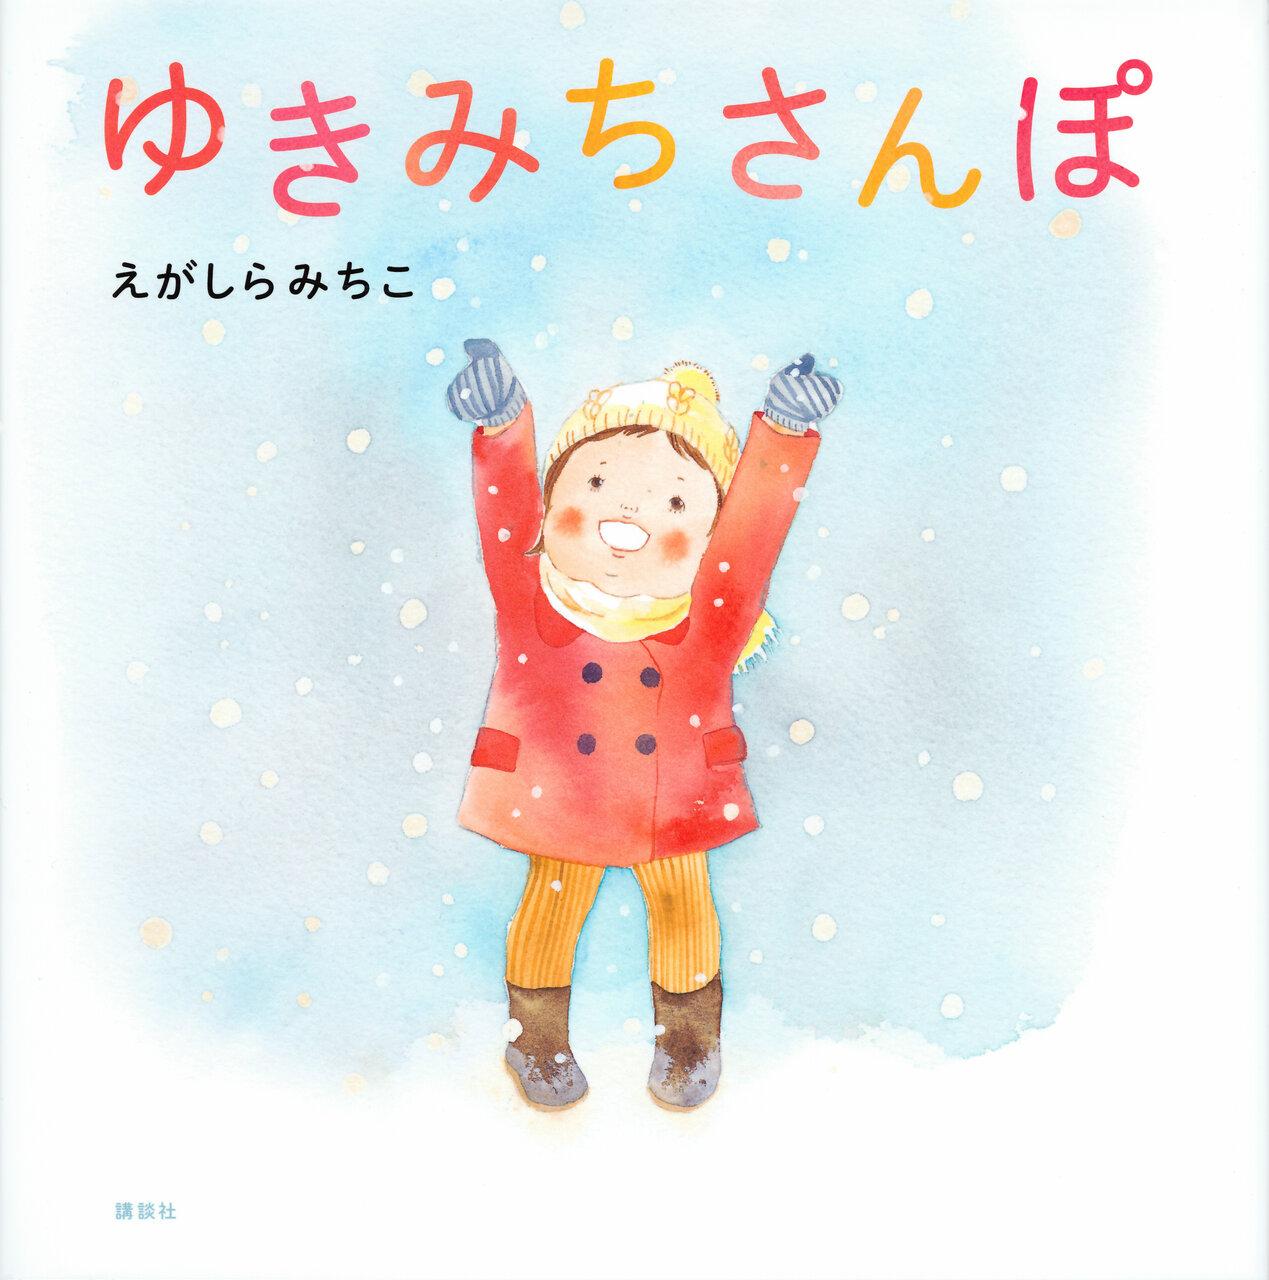 雪がいちめんに降ったある日、おさんぽで出会ったのは、どんな音?<br> <br> 『ゆきみちさんぽ』<br> 作:江頭路子 講談社